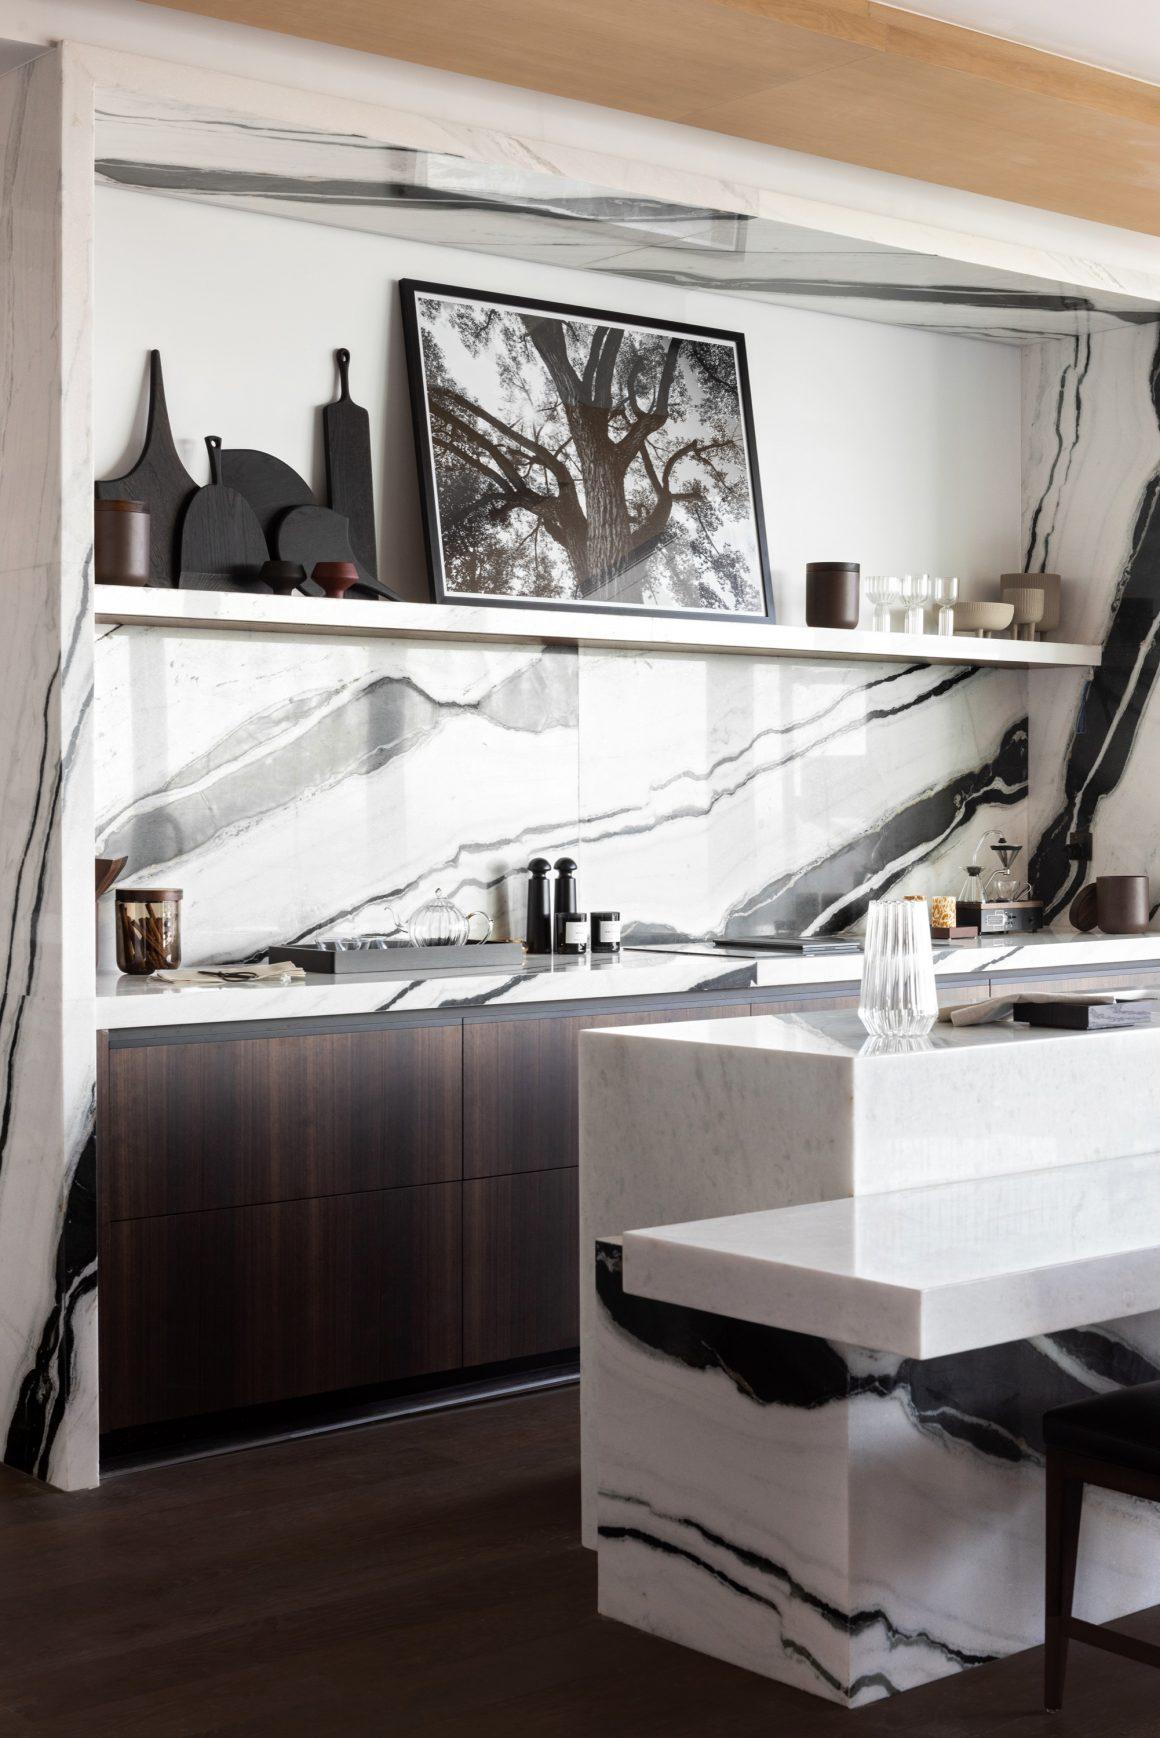 Une cuisine en marbre noir et blanc signée Atelier 27 Paris.